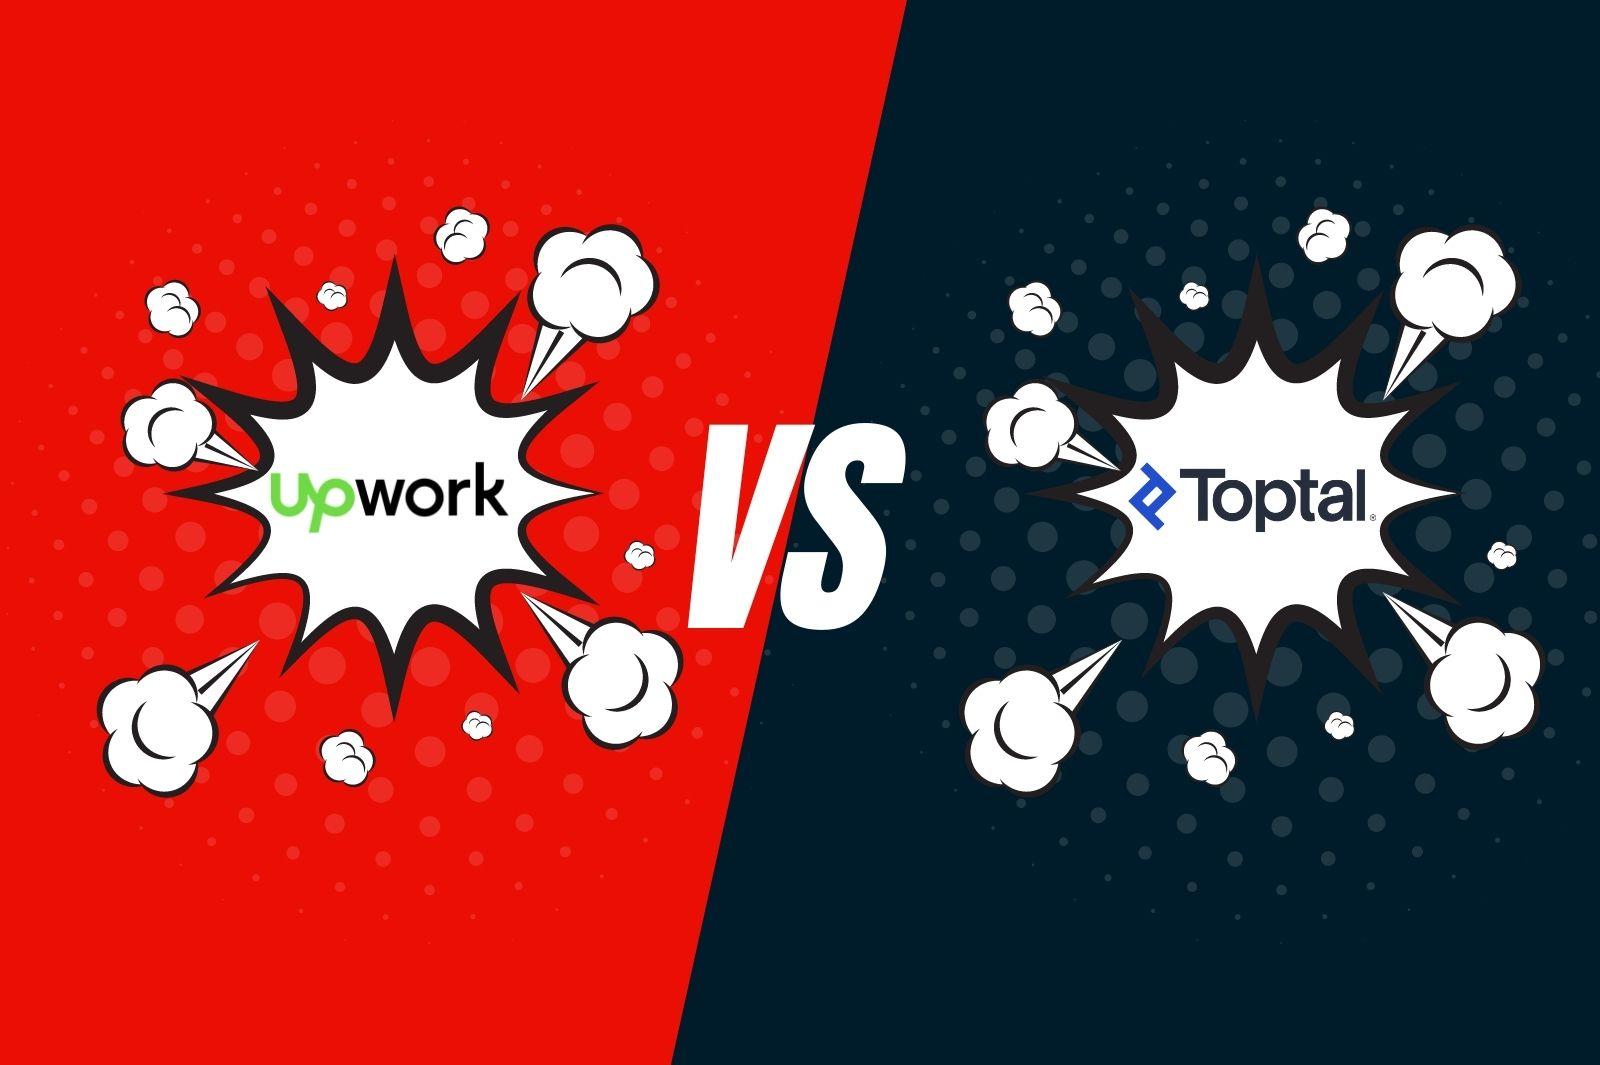 upwork vs. toptal